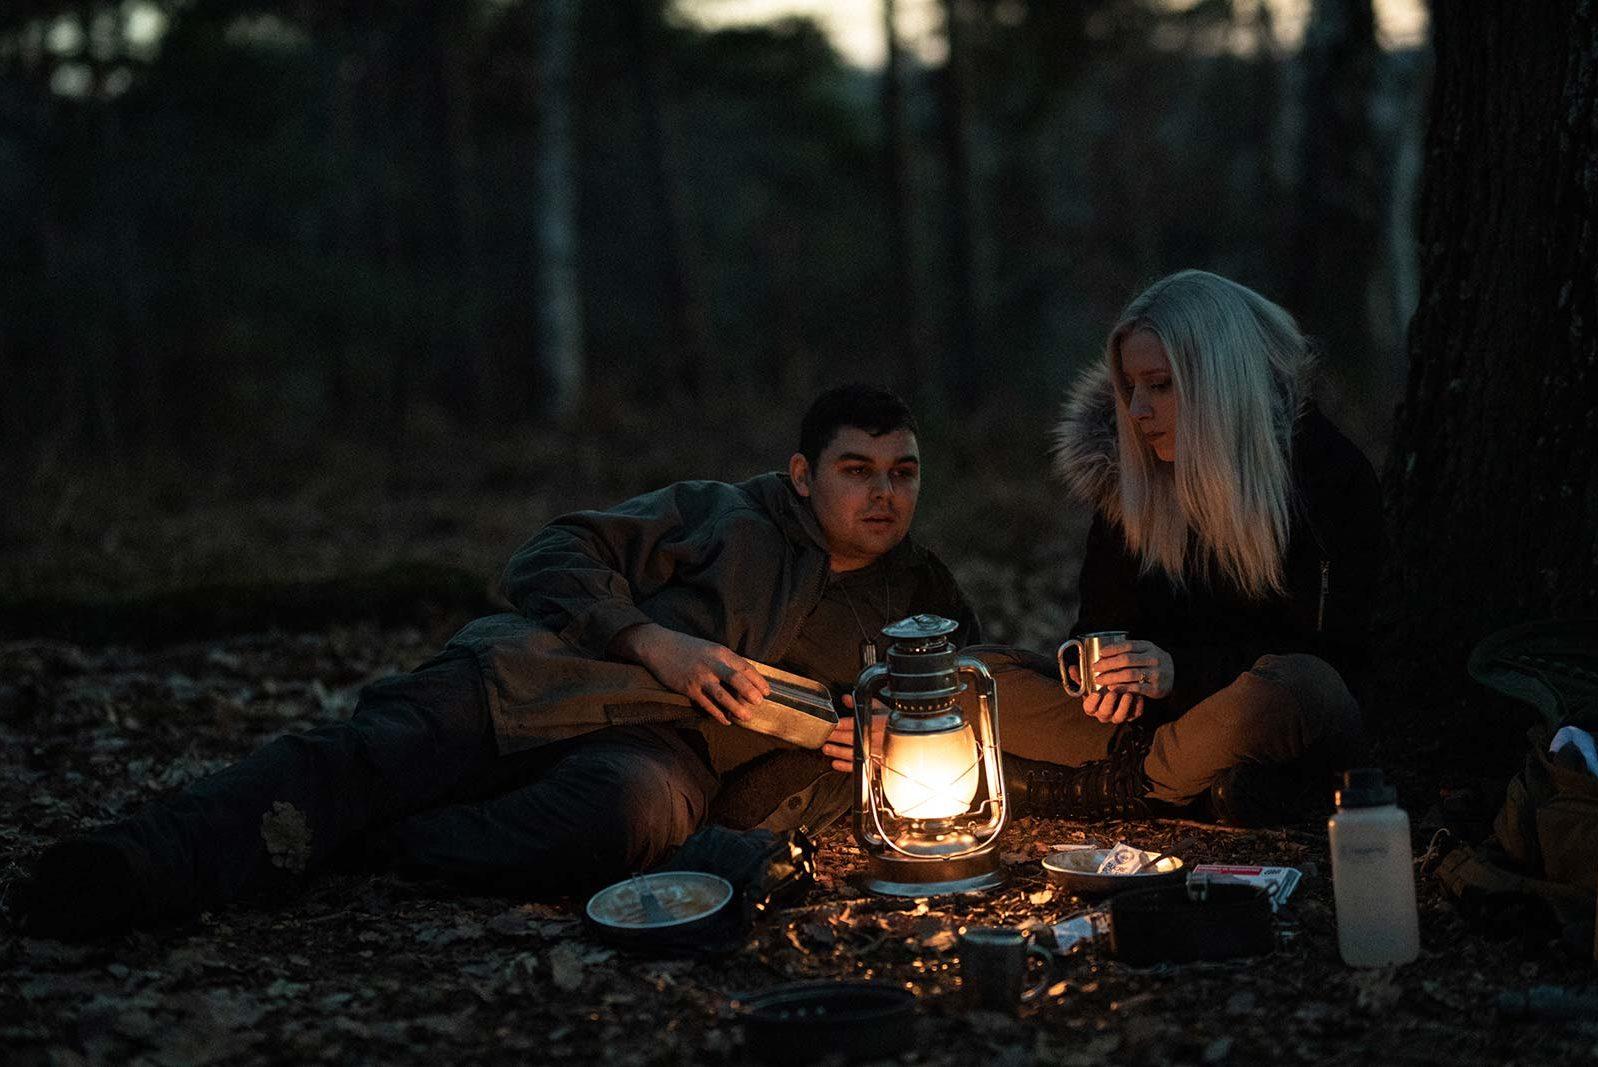 Couple qui mange à la tombée de la nuit lors d'un bivouac.